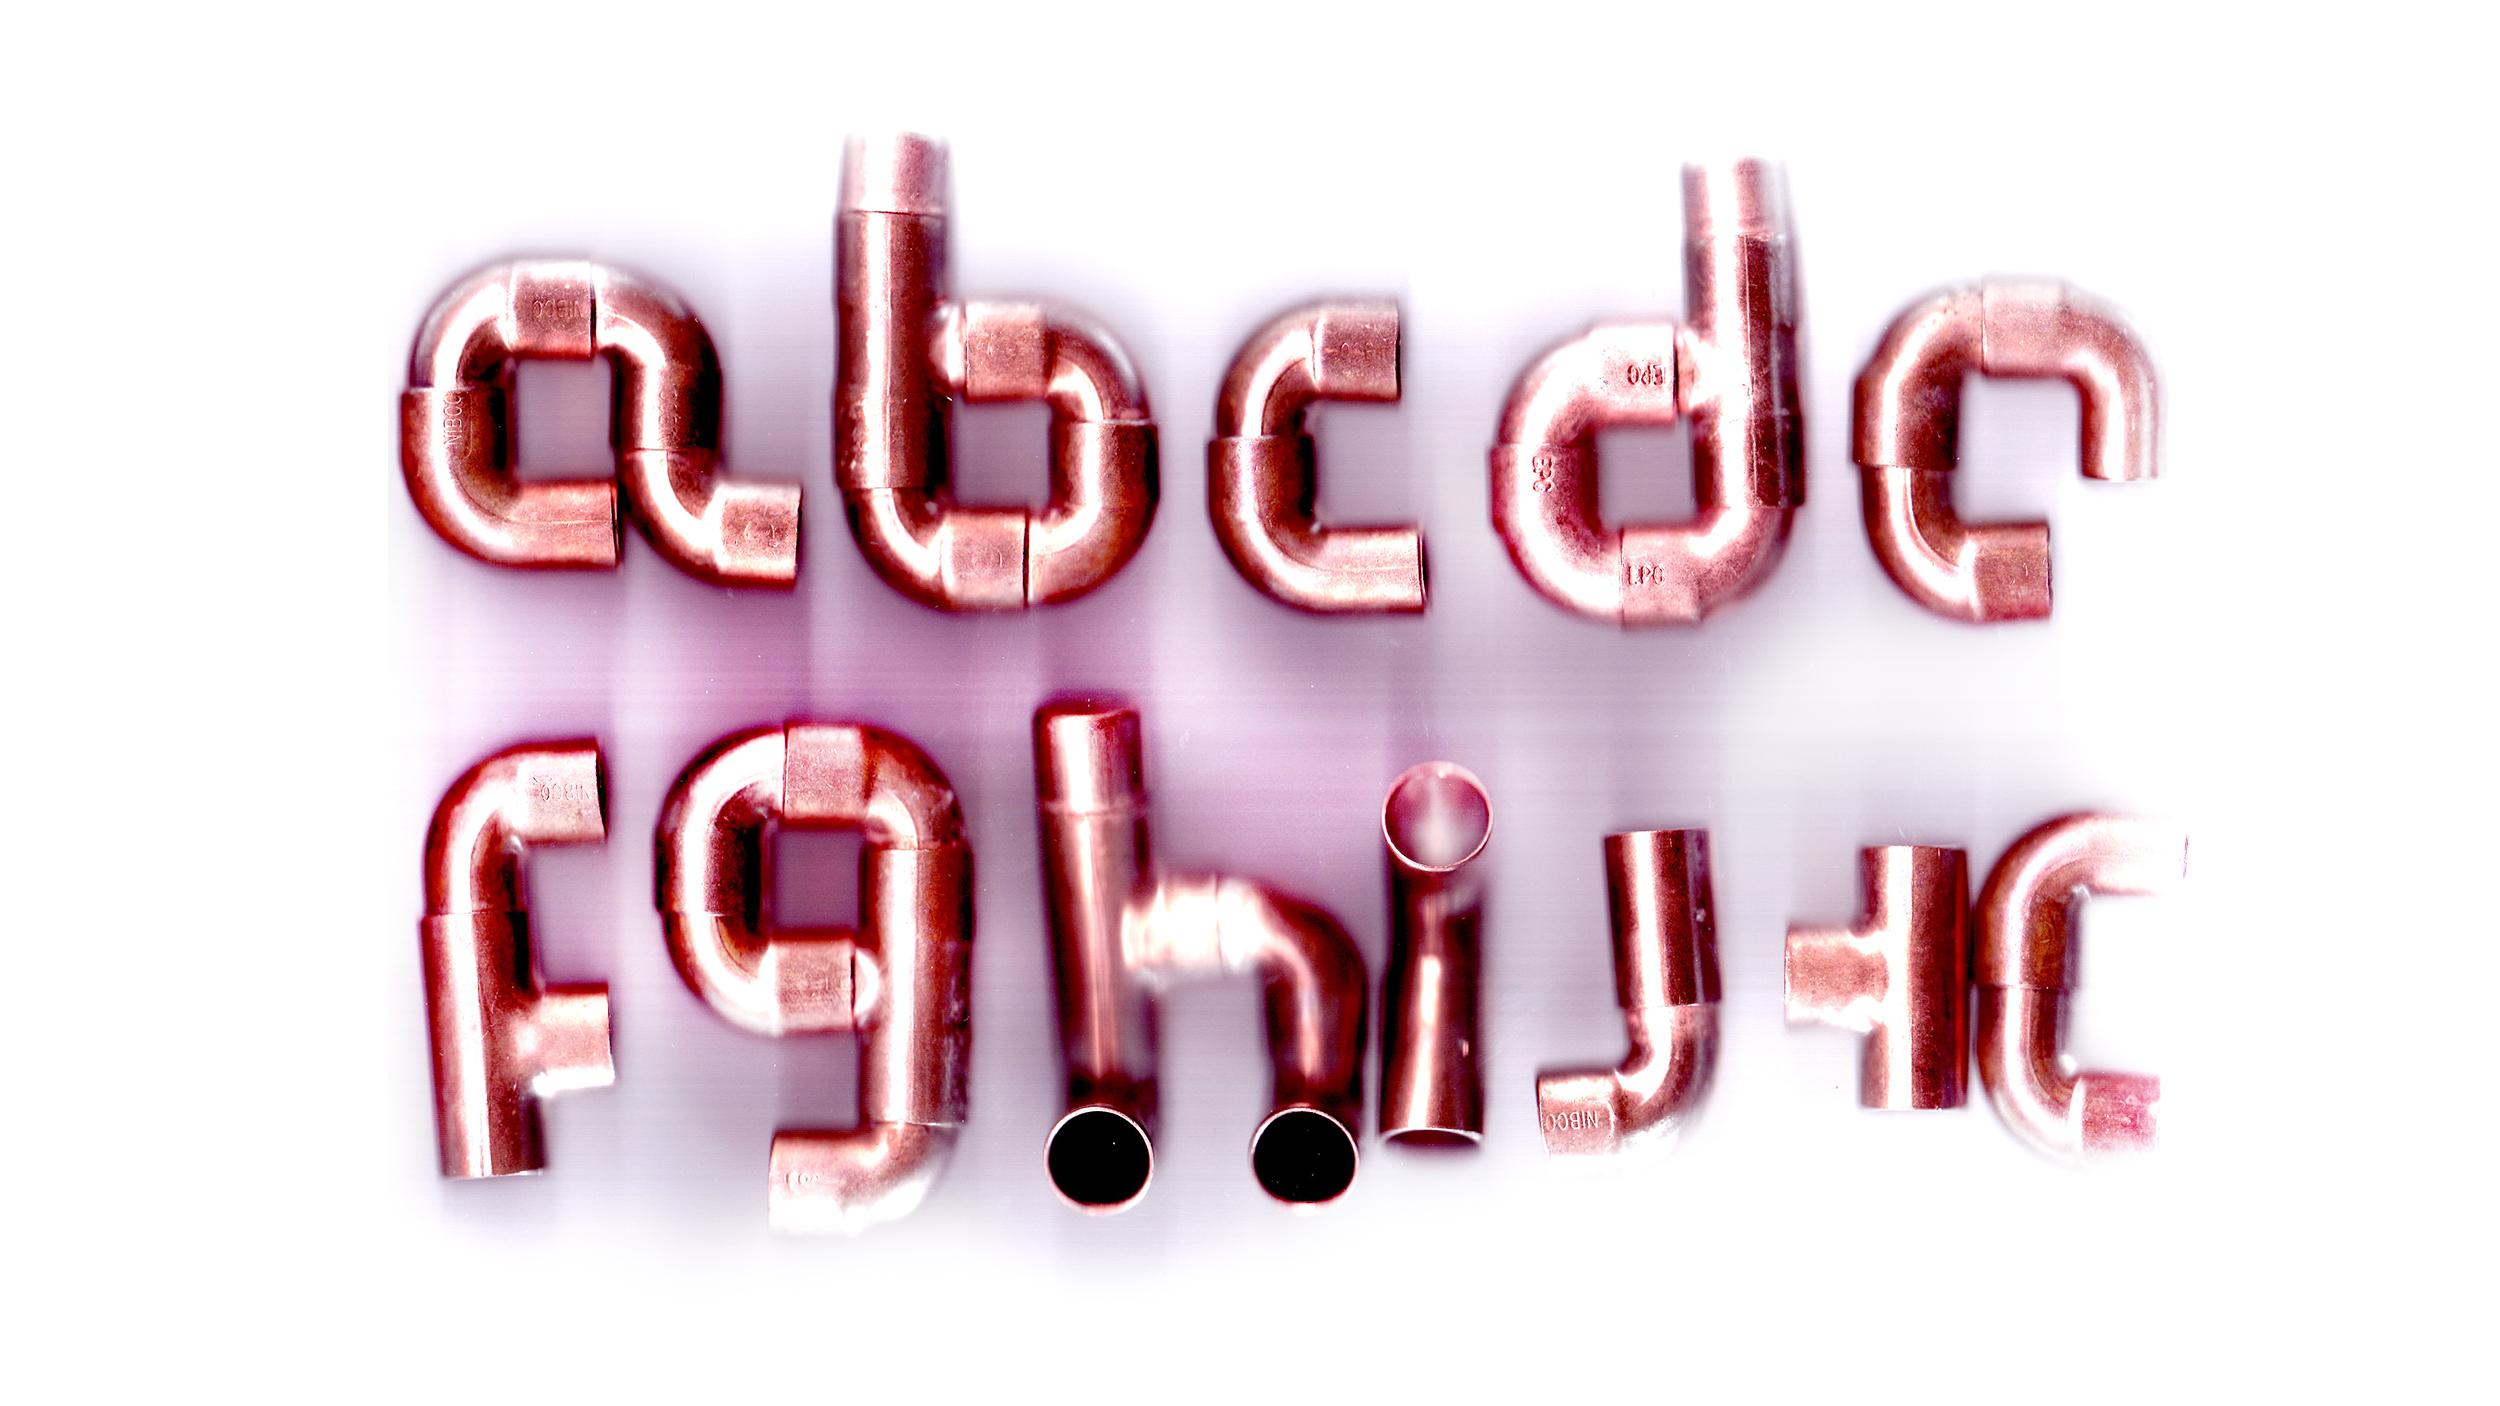 reba-joy-billips-piquant-orange-2500x1406-r2.jpg